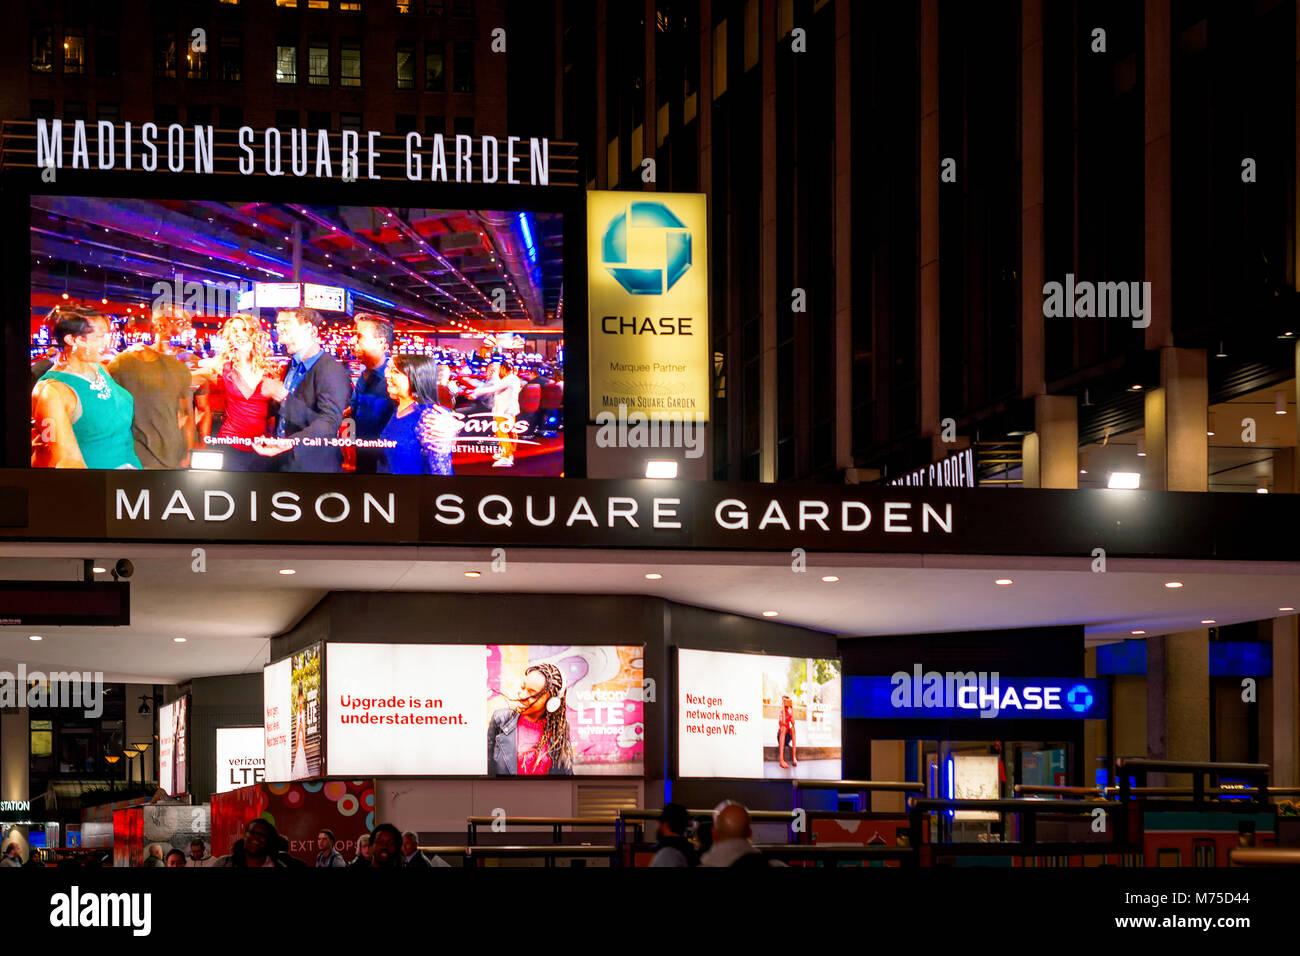 Concert Venue Entrance Stock Photos Concert Venue Entrance Stock Images Alamy